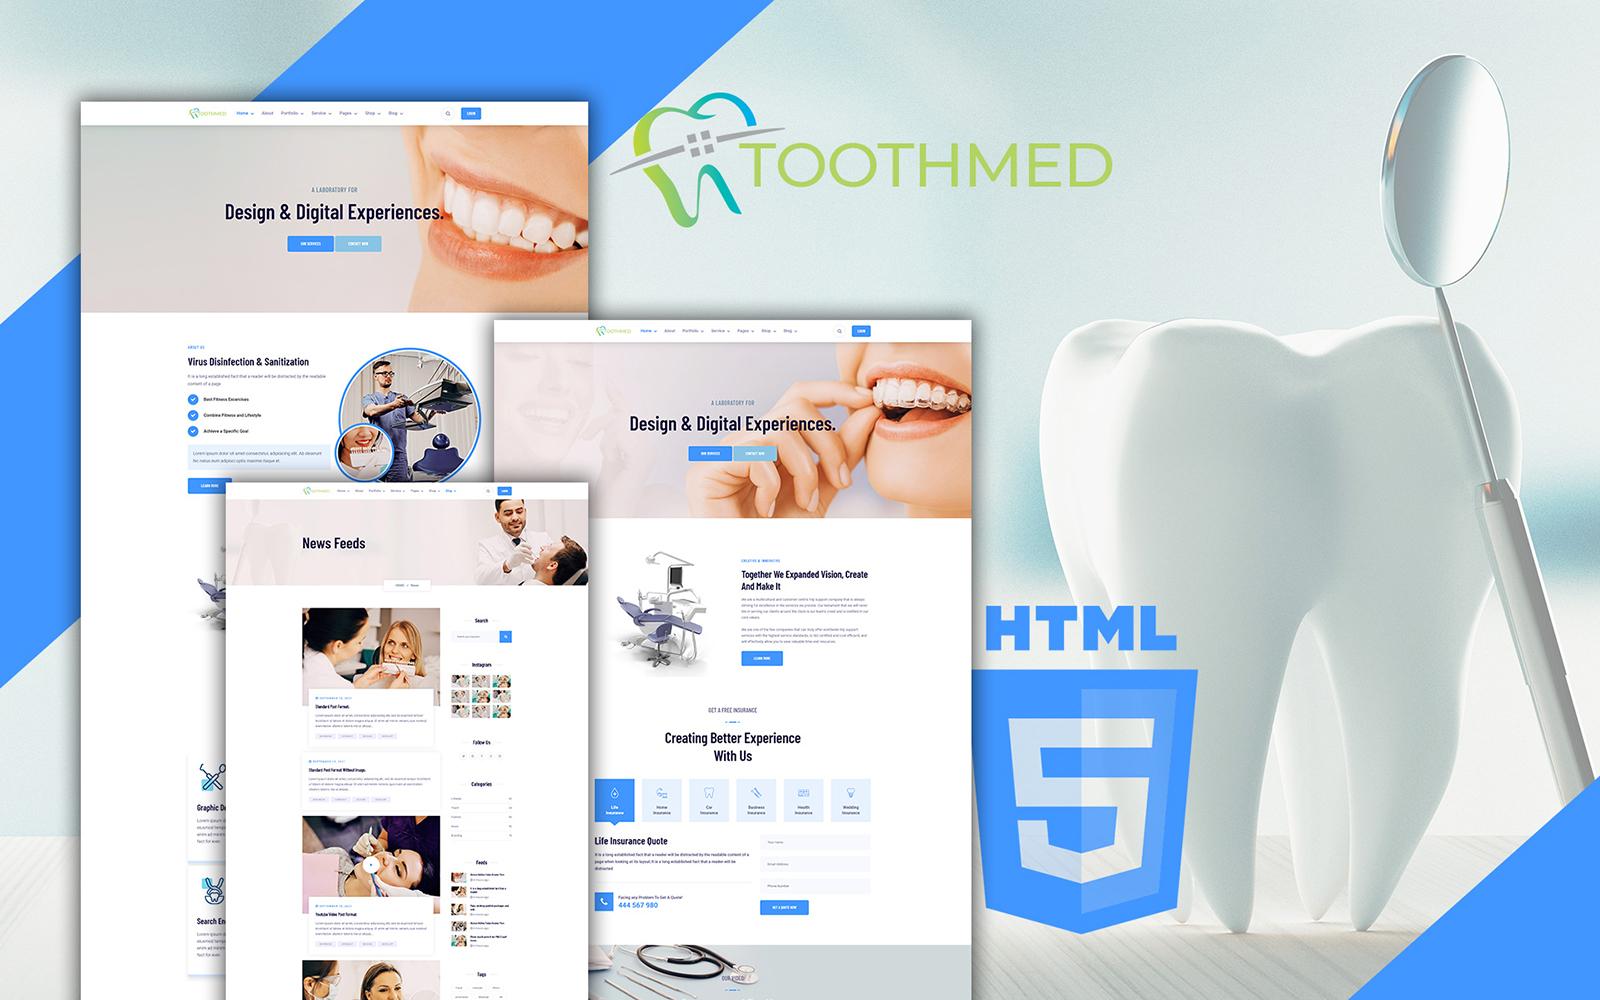 Tandarts - HTML-sjabloon voor tandartskliniek Clinic